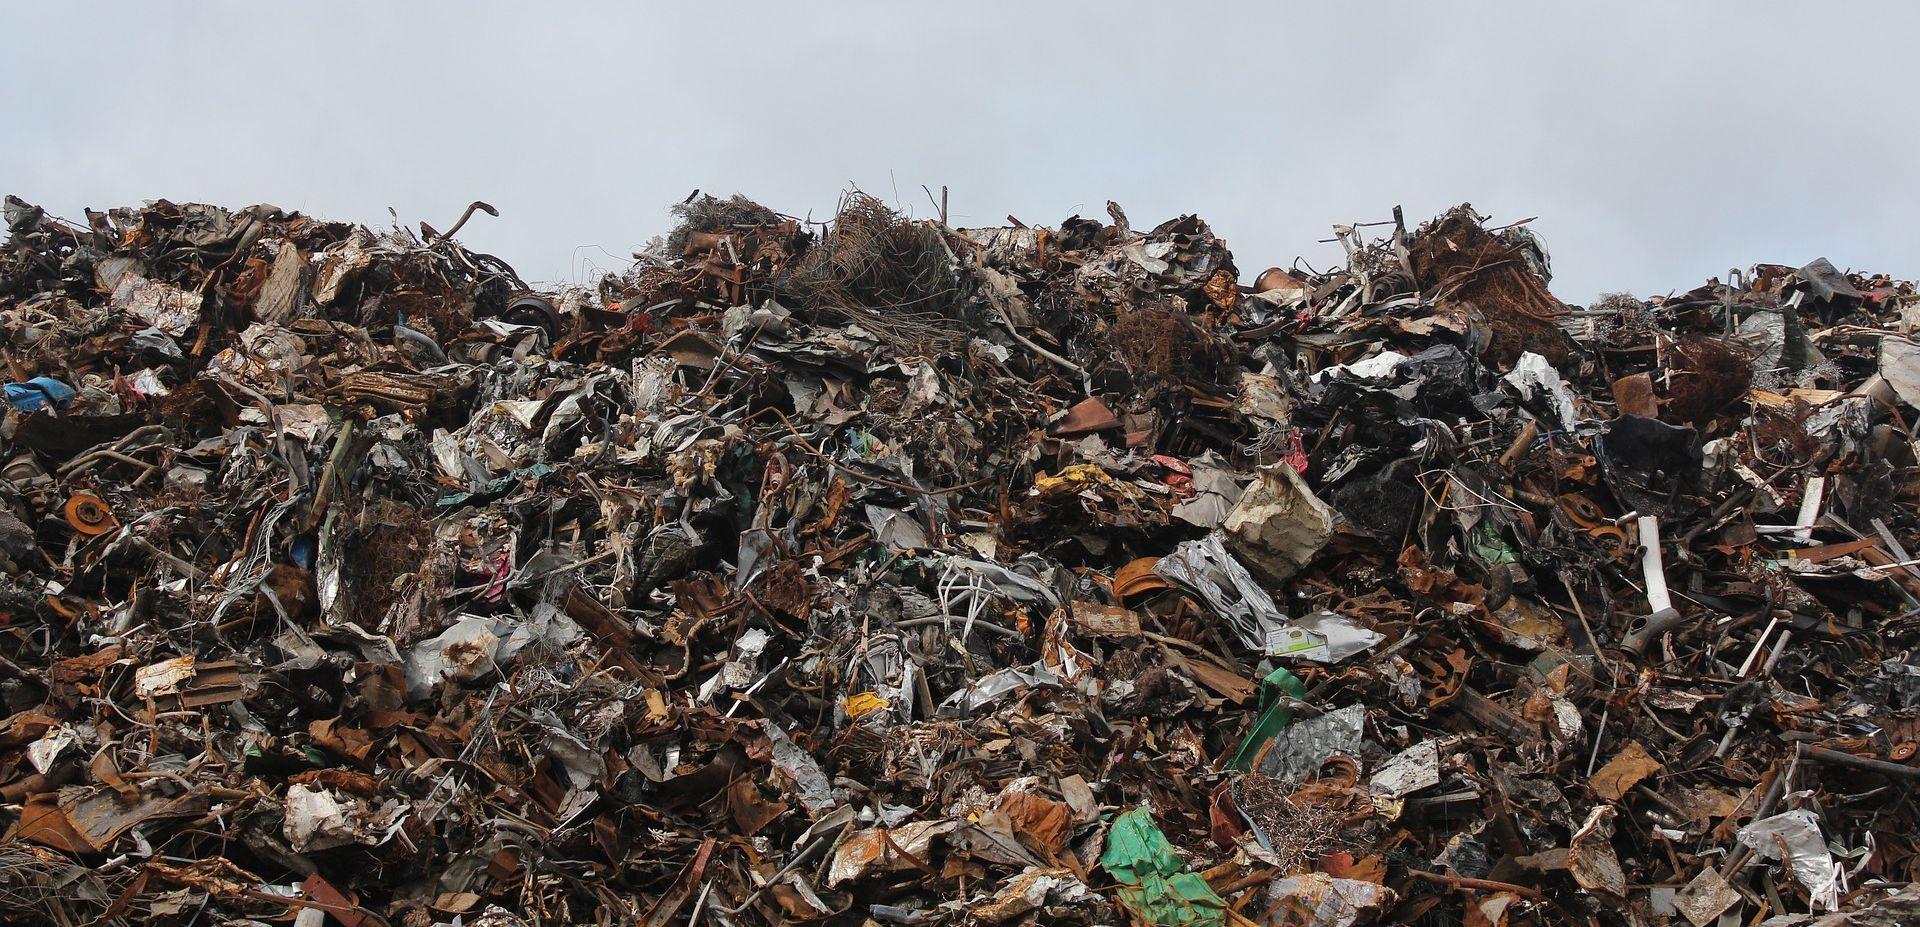 ETOPIJA Najmanje 35 mrtvih u odronu na odlagalištu smeća